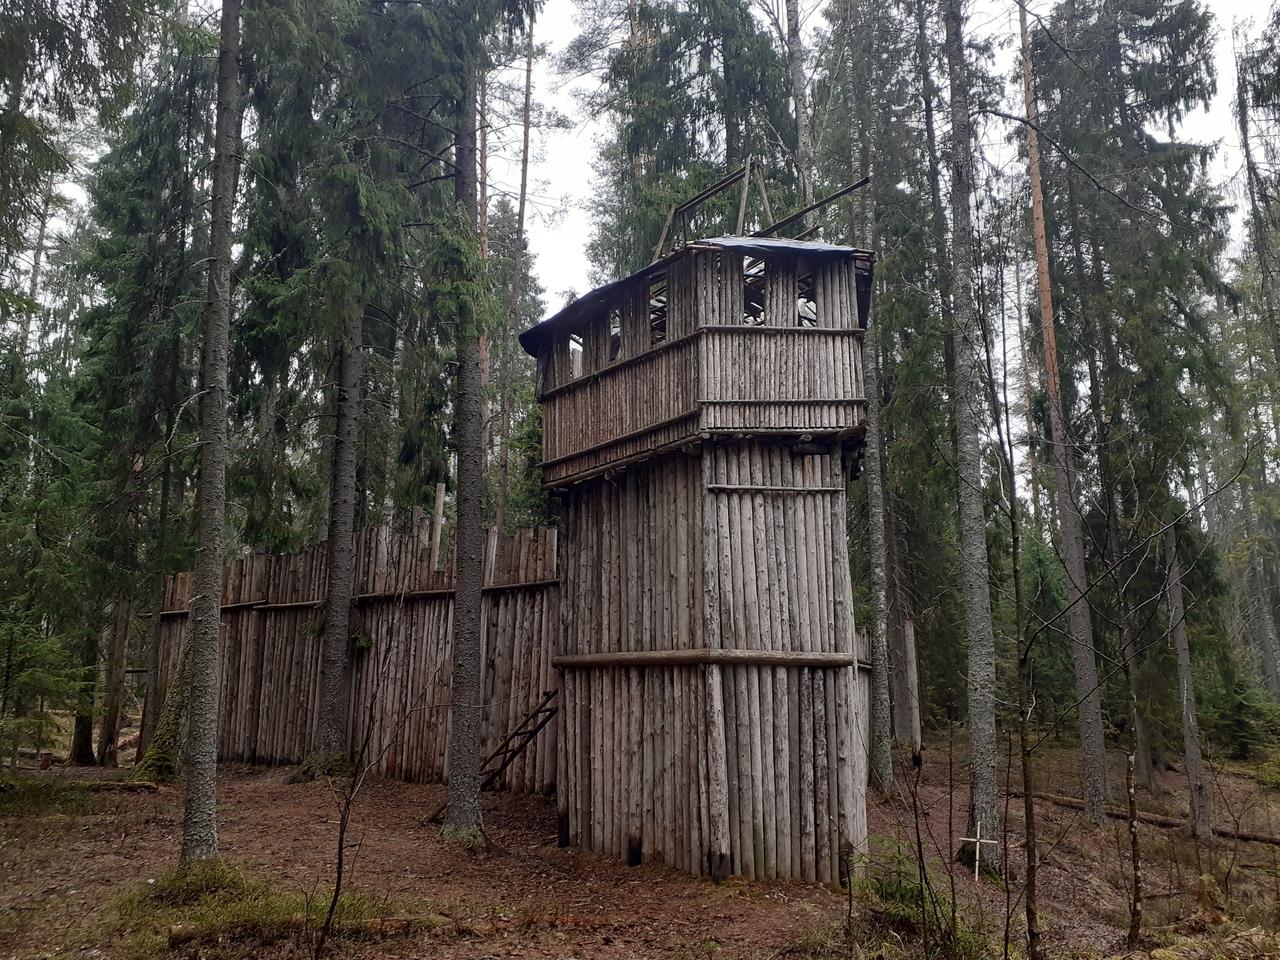 Лемболово. Деревянная крепость в лесу и красивое озеро.